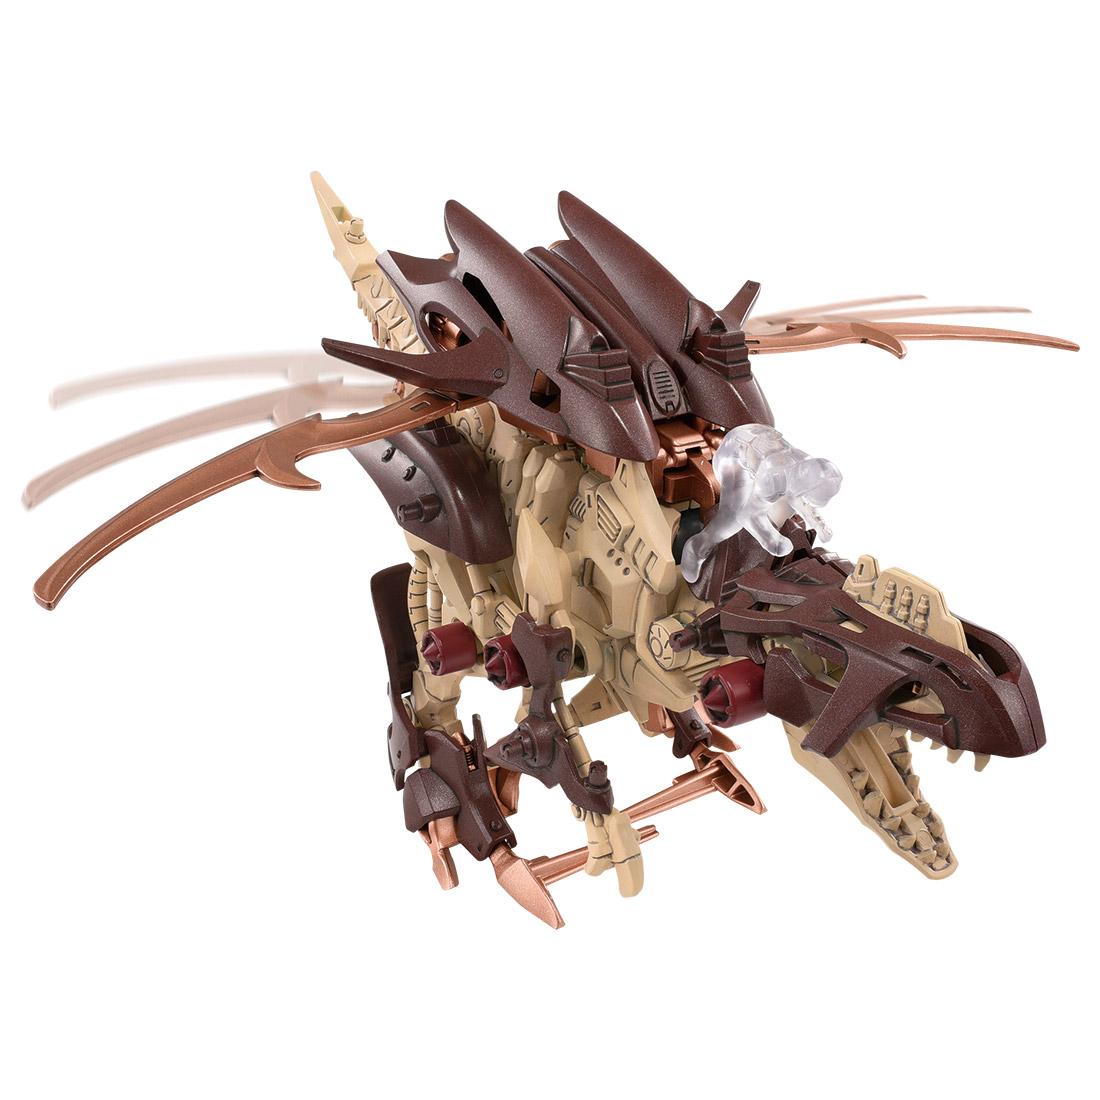 【恐竜博2019開催記念】ゾイドワイルド『ギルラプター レアボーンver.』組み立てキット-004